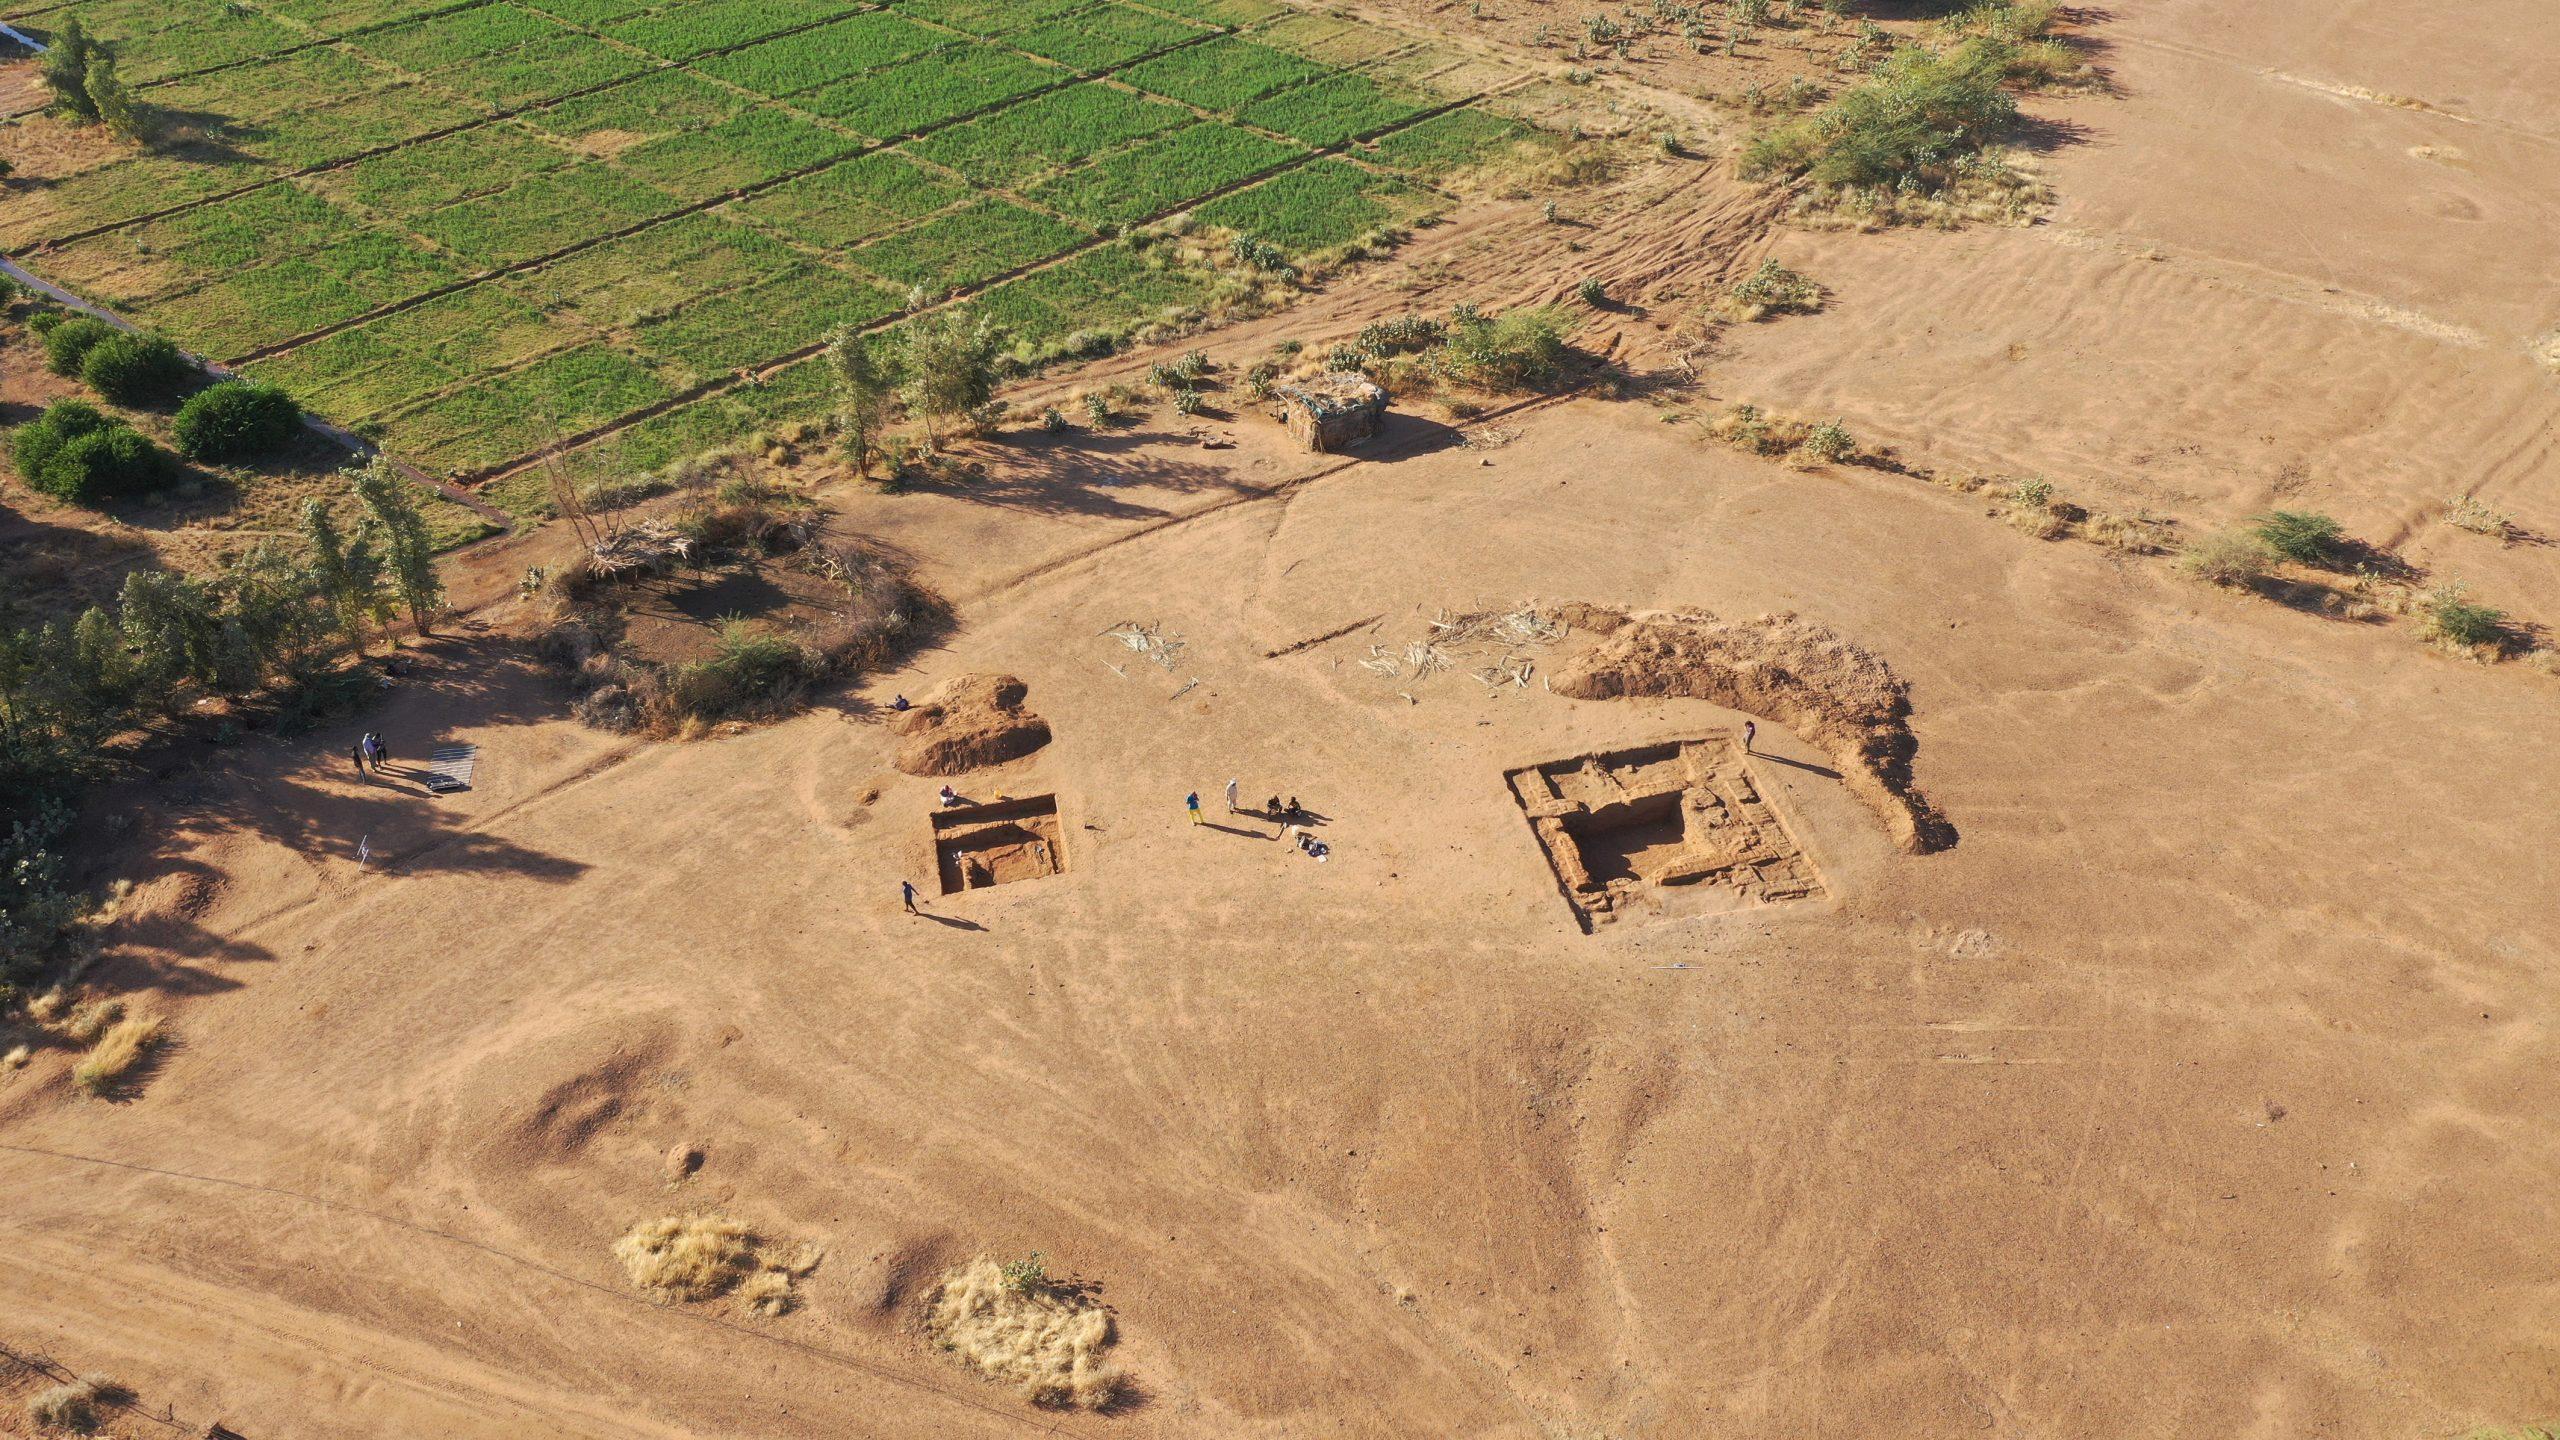 il. 3. Kom OS w trakcie badań. W wykopach widoczne pozostałości budowli z cegły mułowej. (fot. M. Drzewiecki)